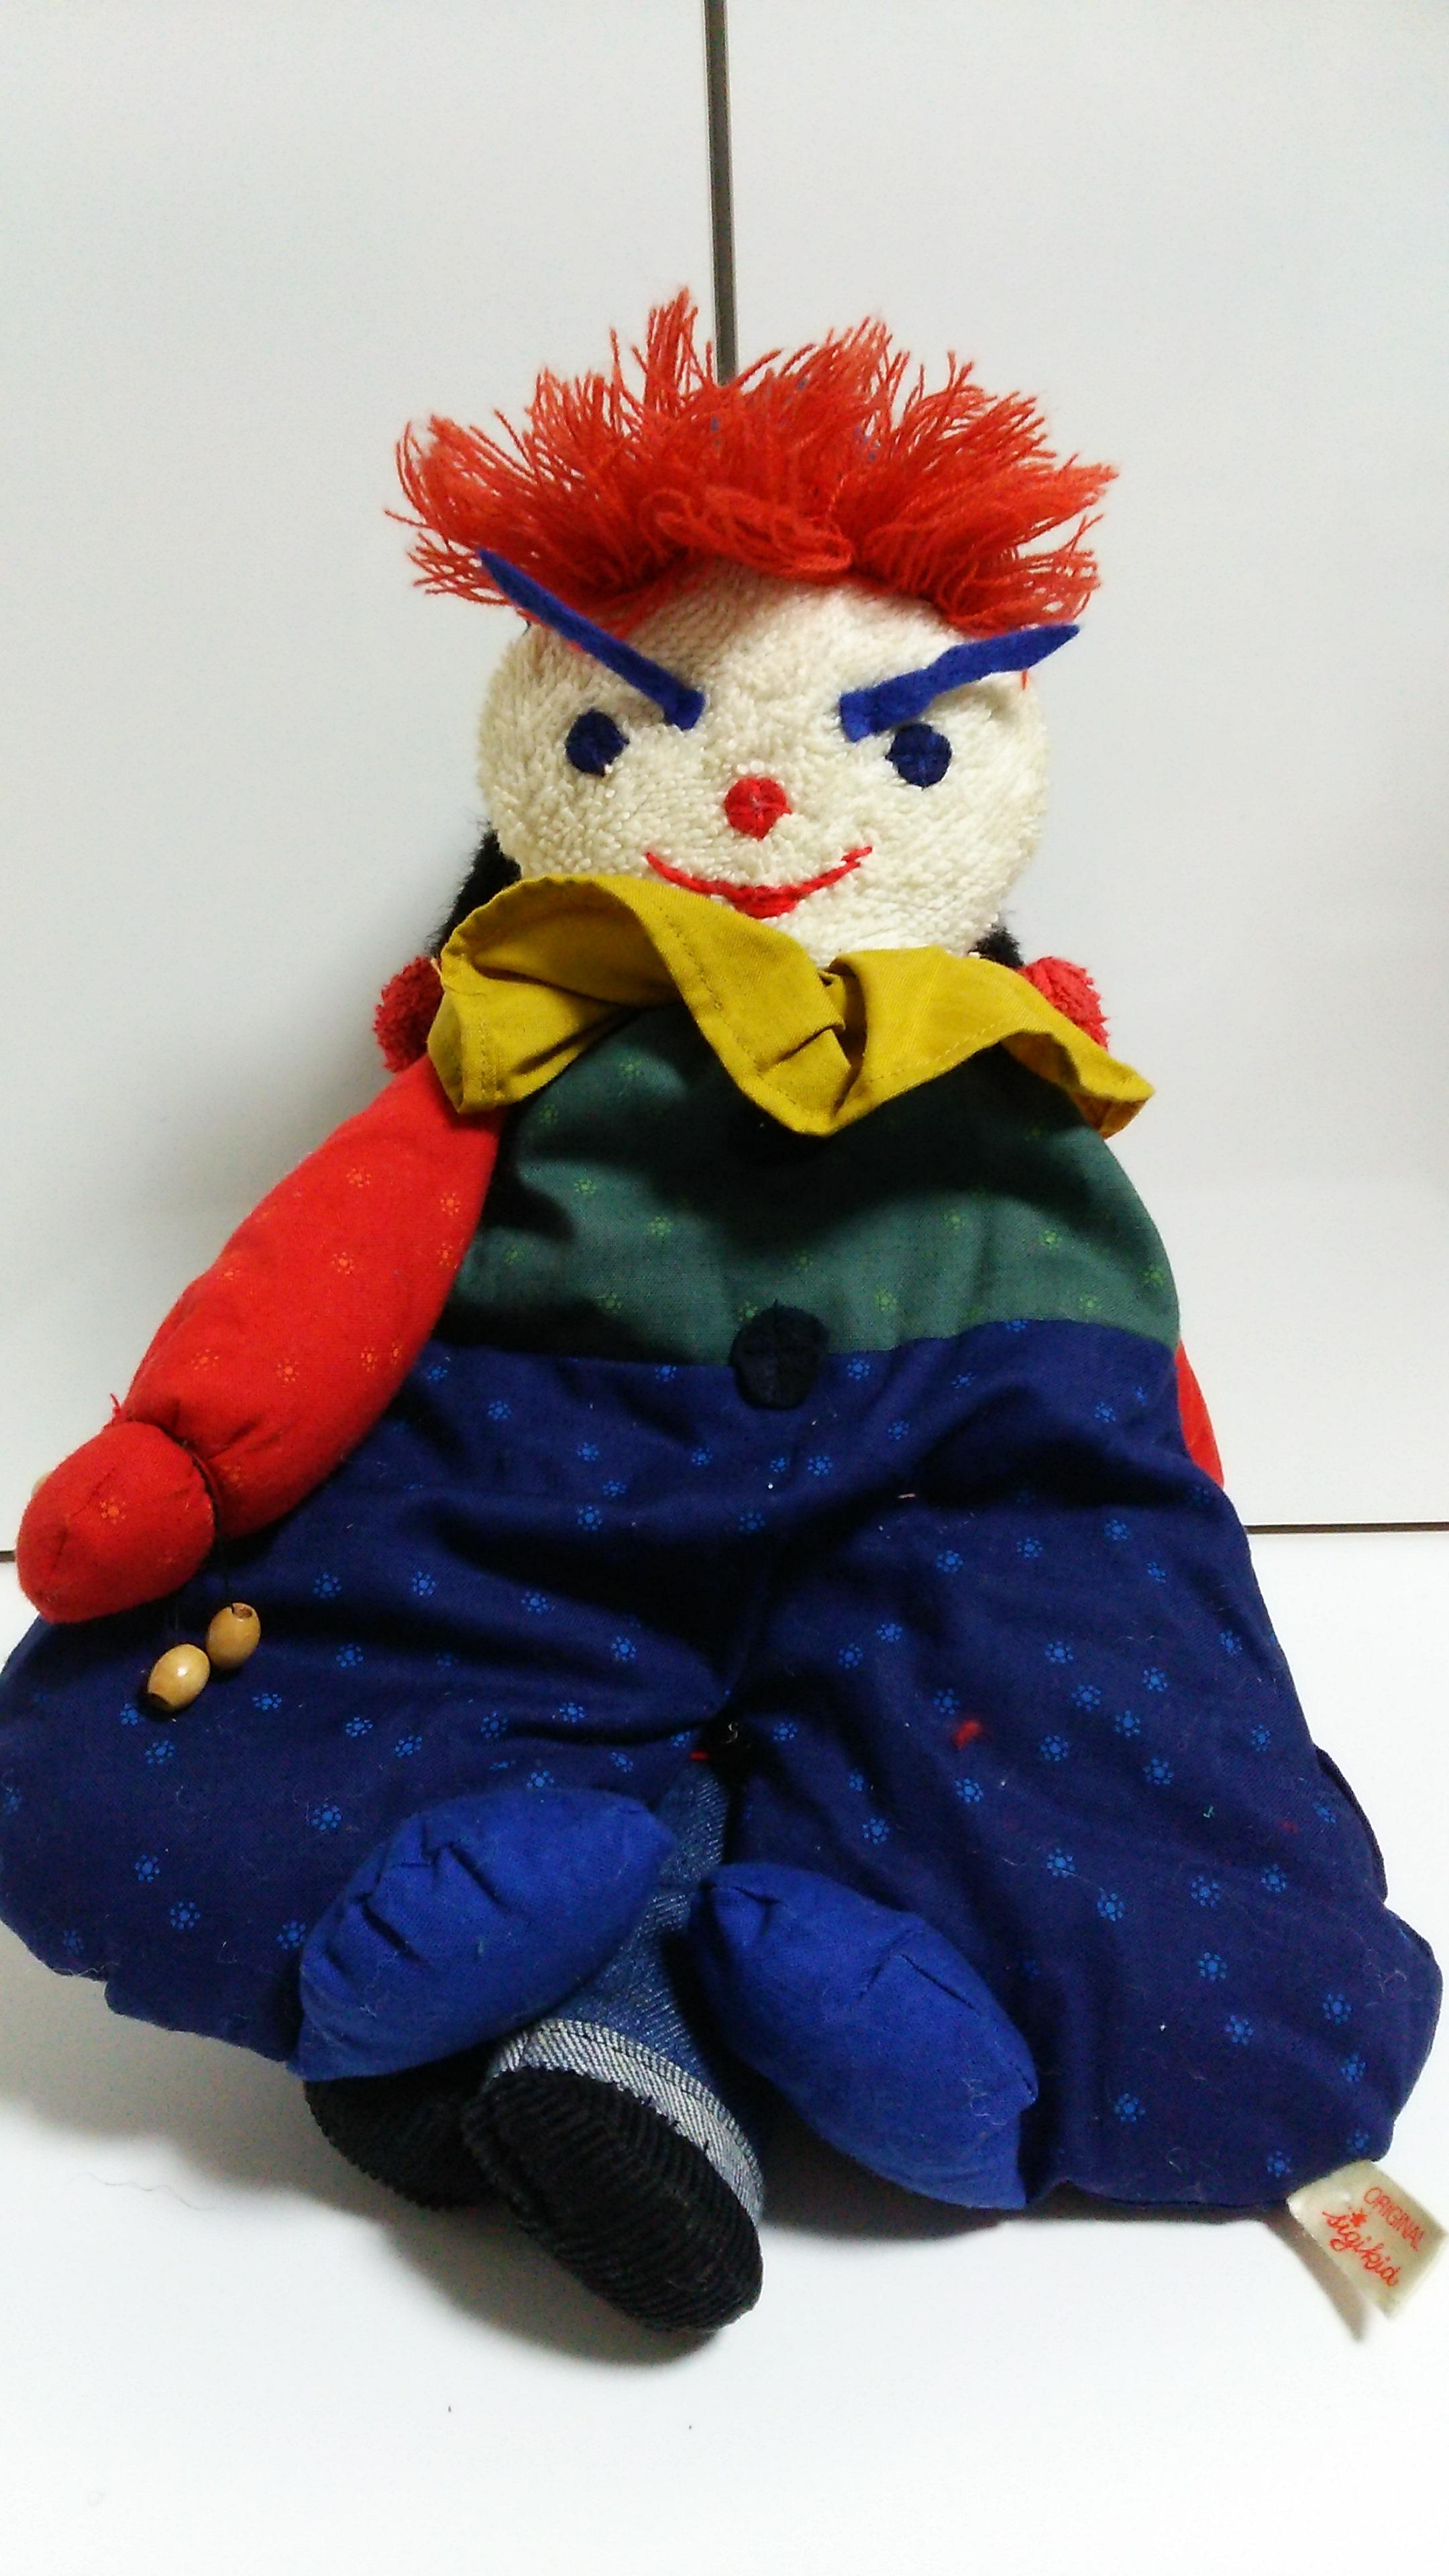 人形 怒っている 怖い 顔